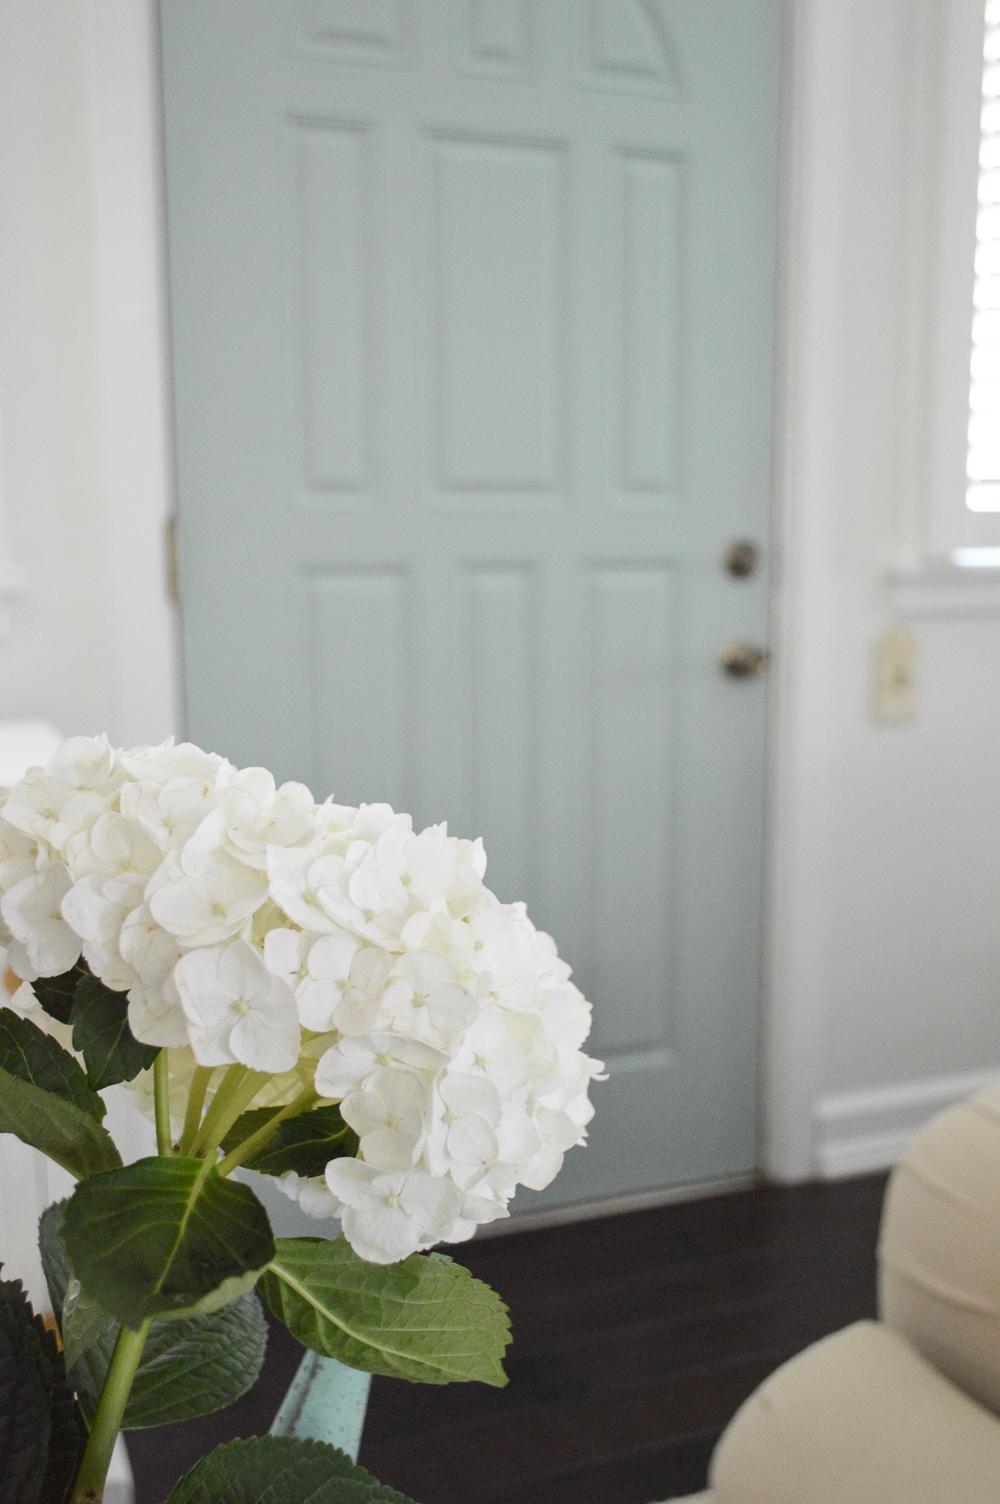 White hydrangea, Wythe Blue door. Benjamin Moore